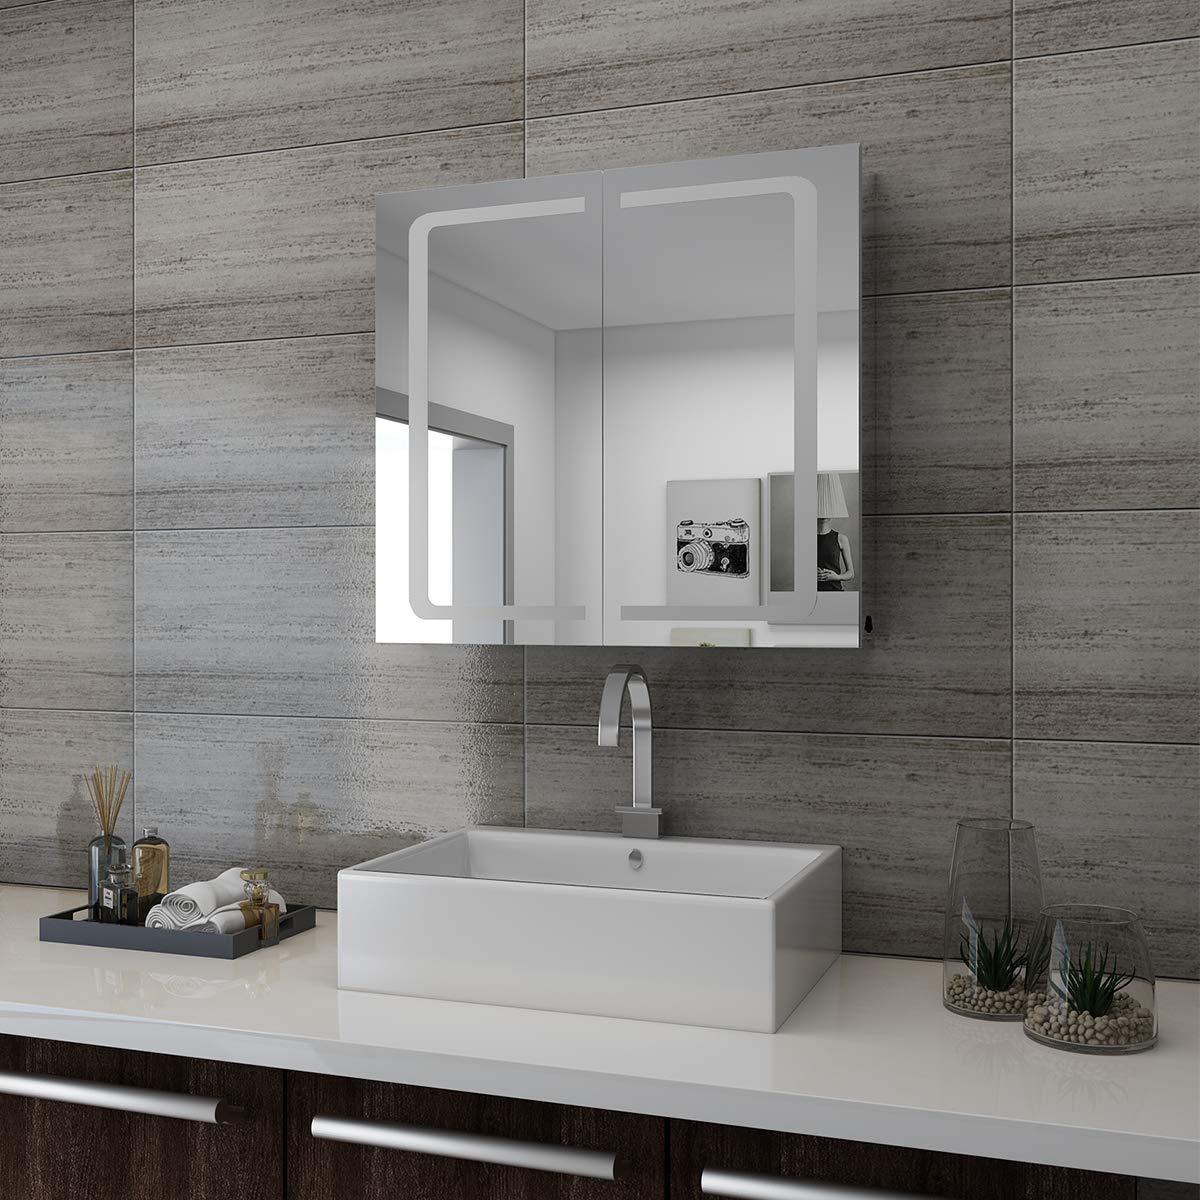 SONNI LED Spiegelschrank 2t/ürig 70 x 65 x13cm Badezimmerspiegel wandschrank Badschrank mit Beleuchtung mit Steckdose